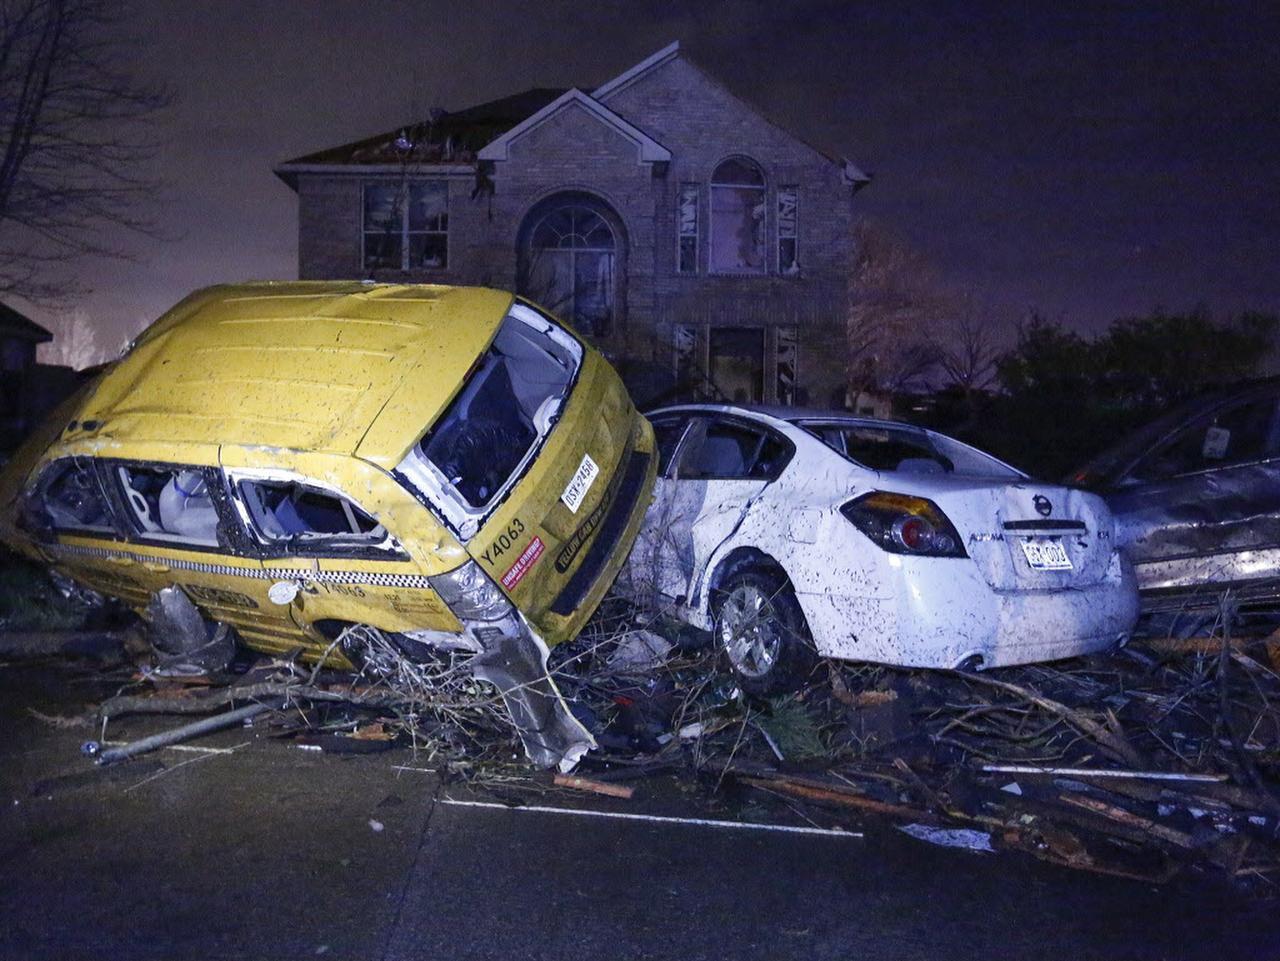 Autos apilados uno encima de otro como resultado de los tornados en un vecindario en el este de Garland. (RON BASELICE/DMN)